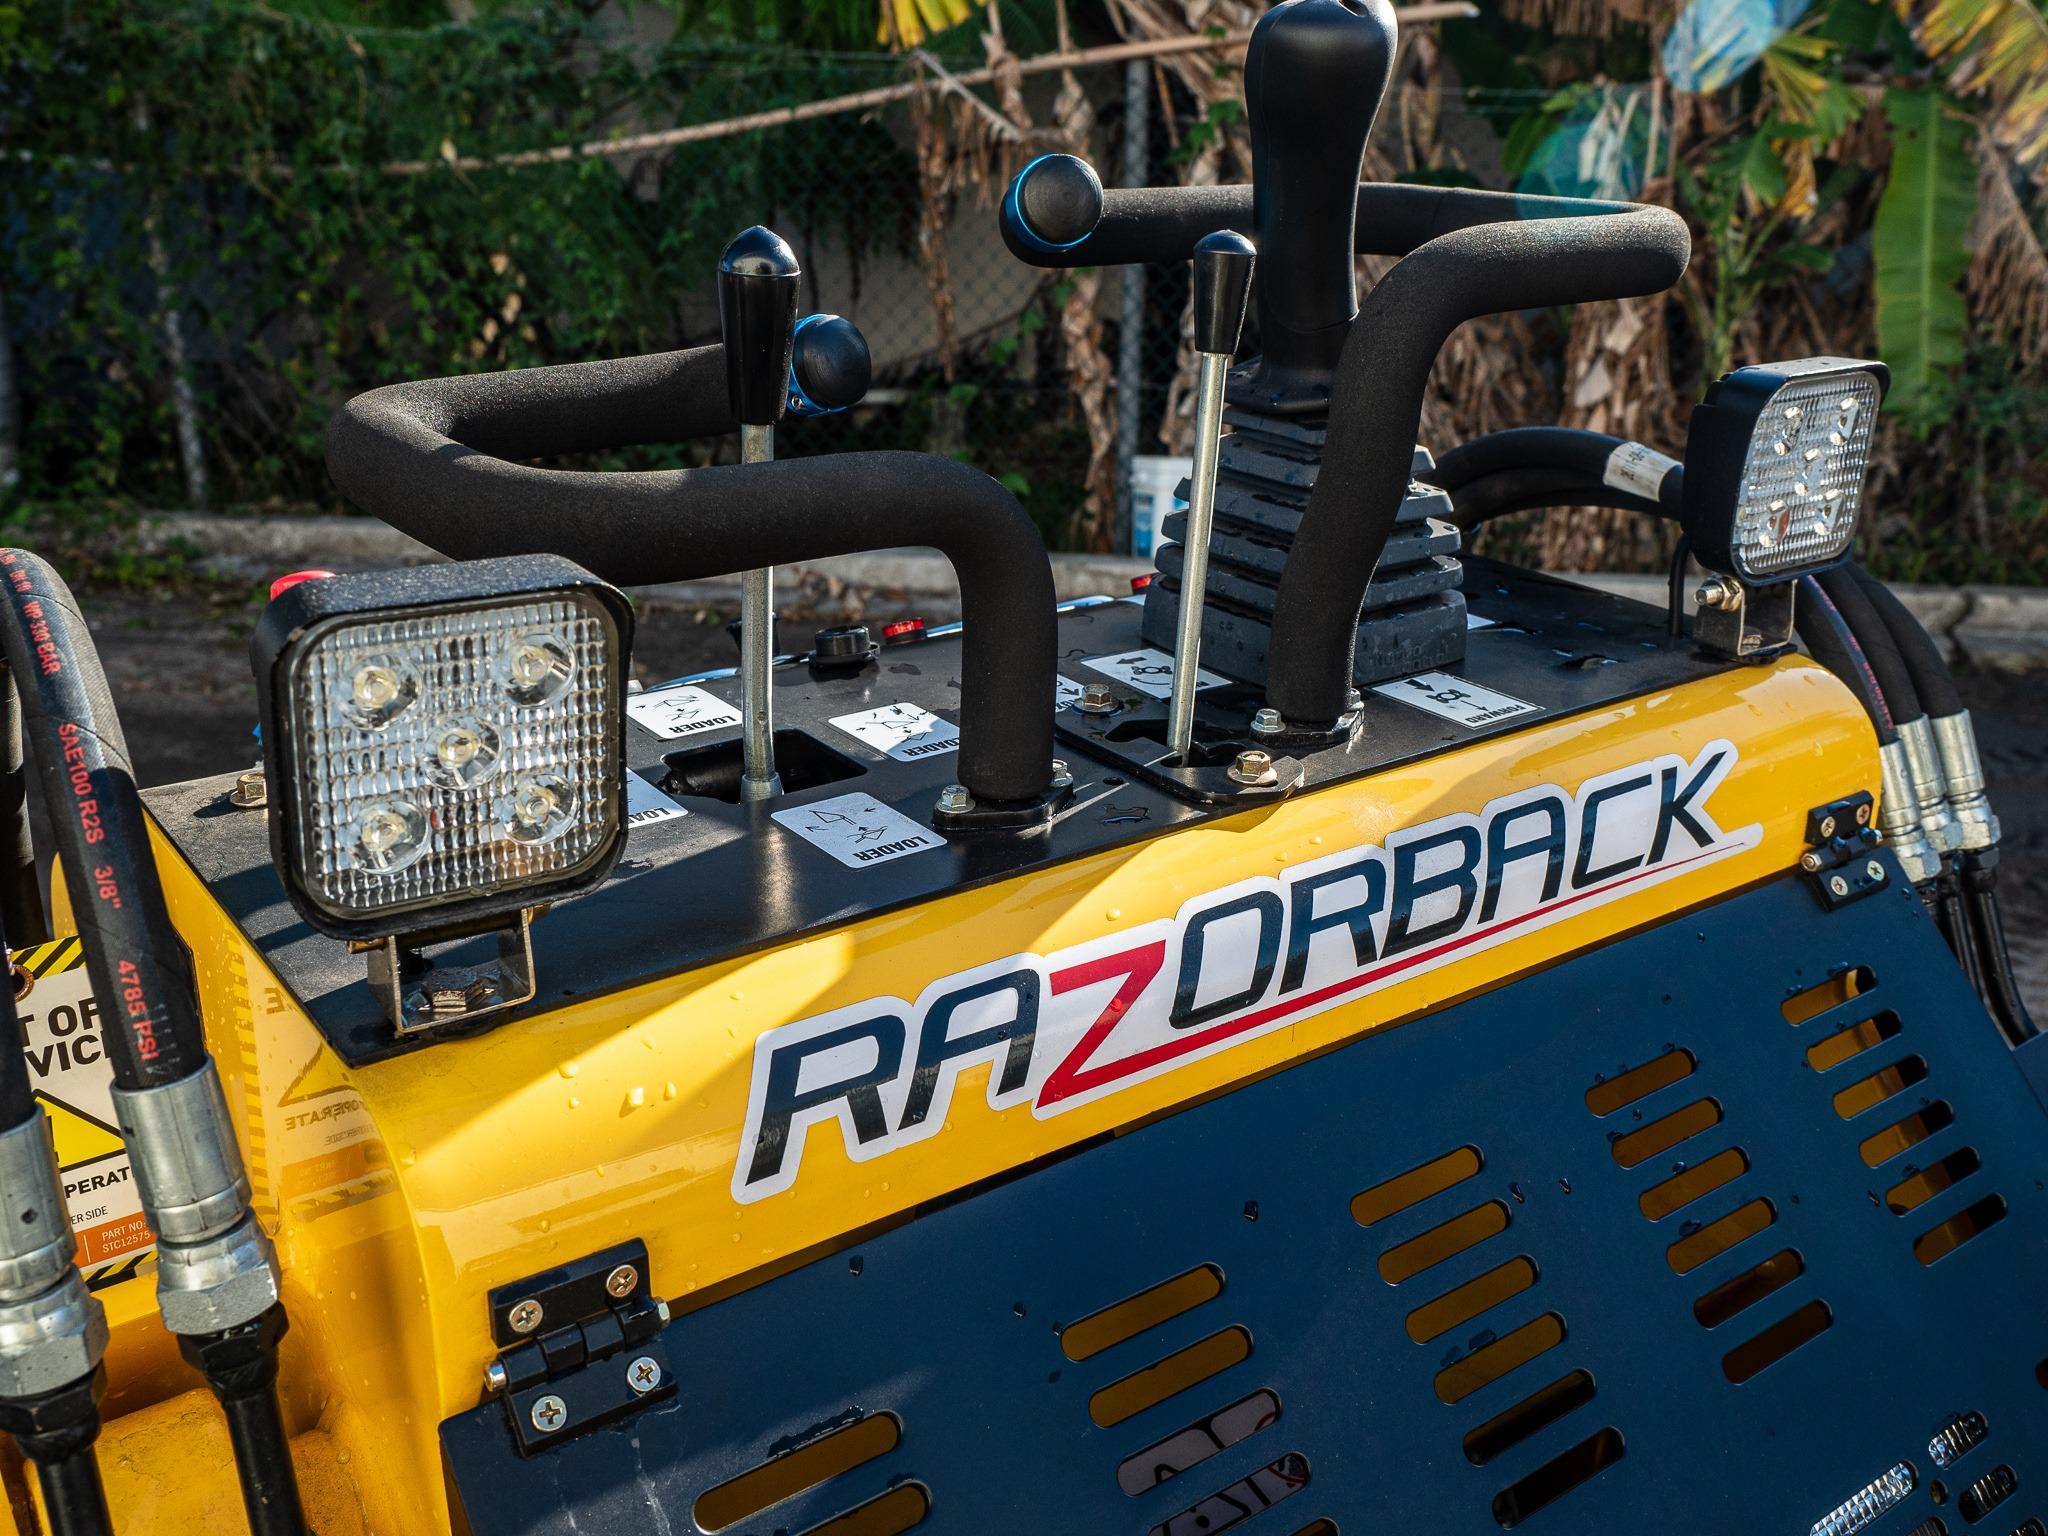 Razorback Special! 8